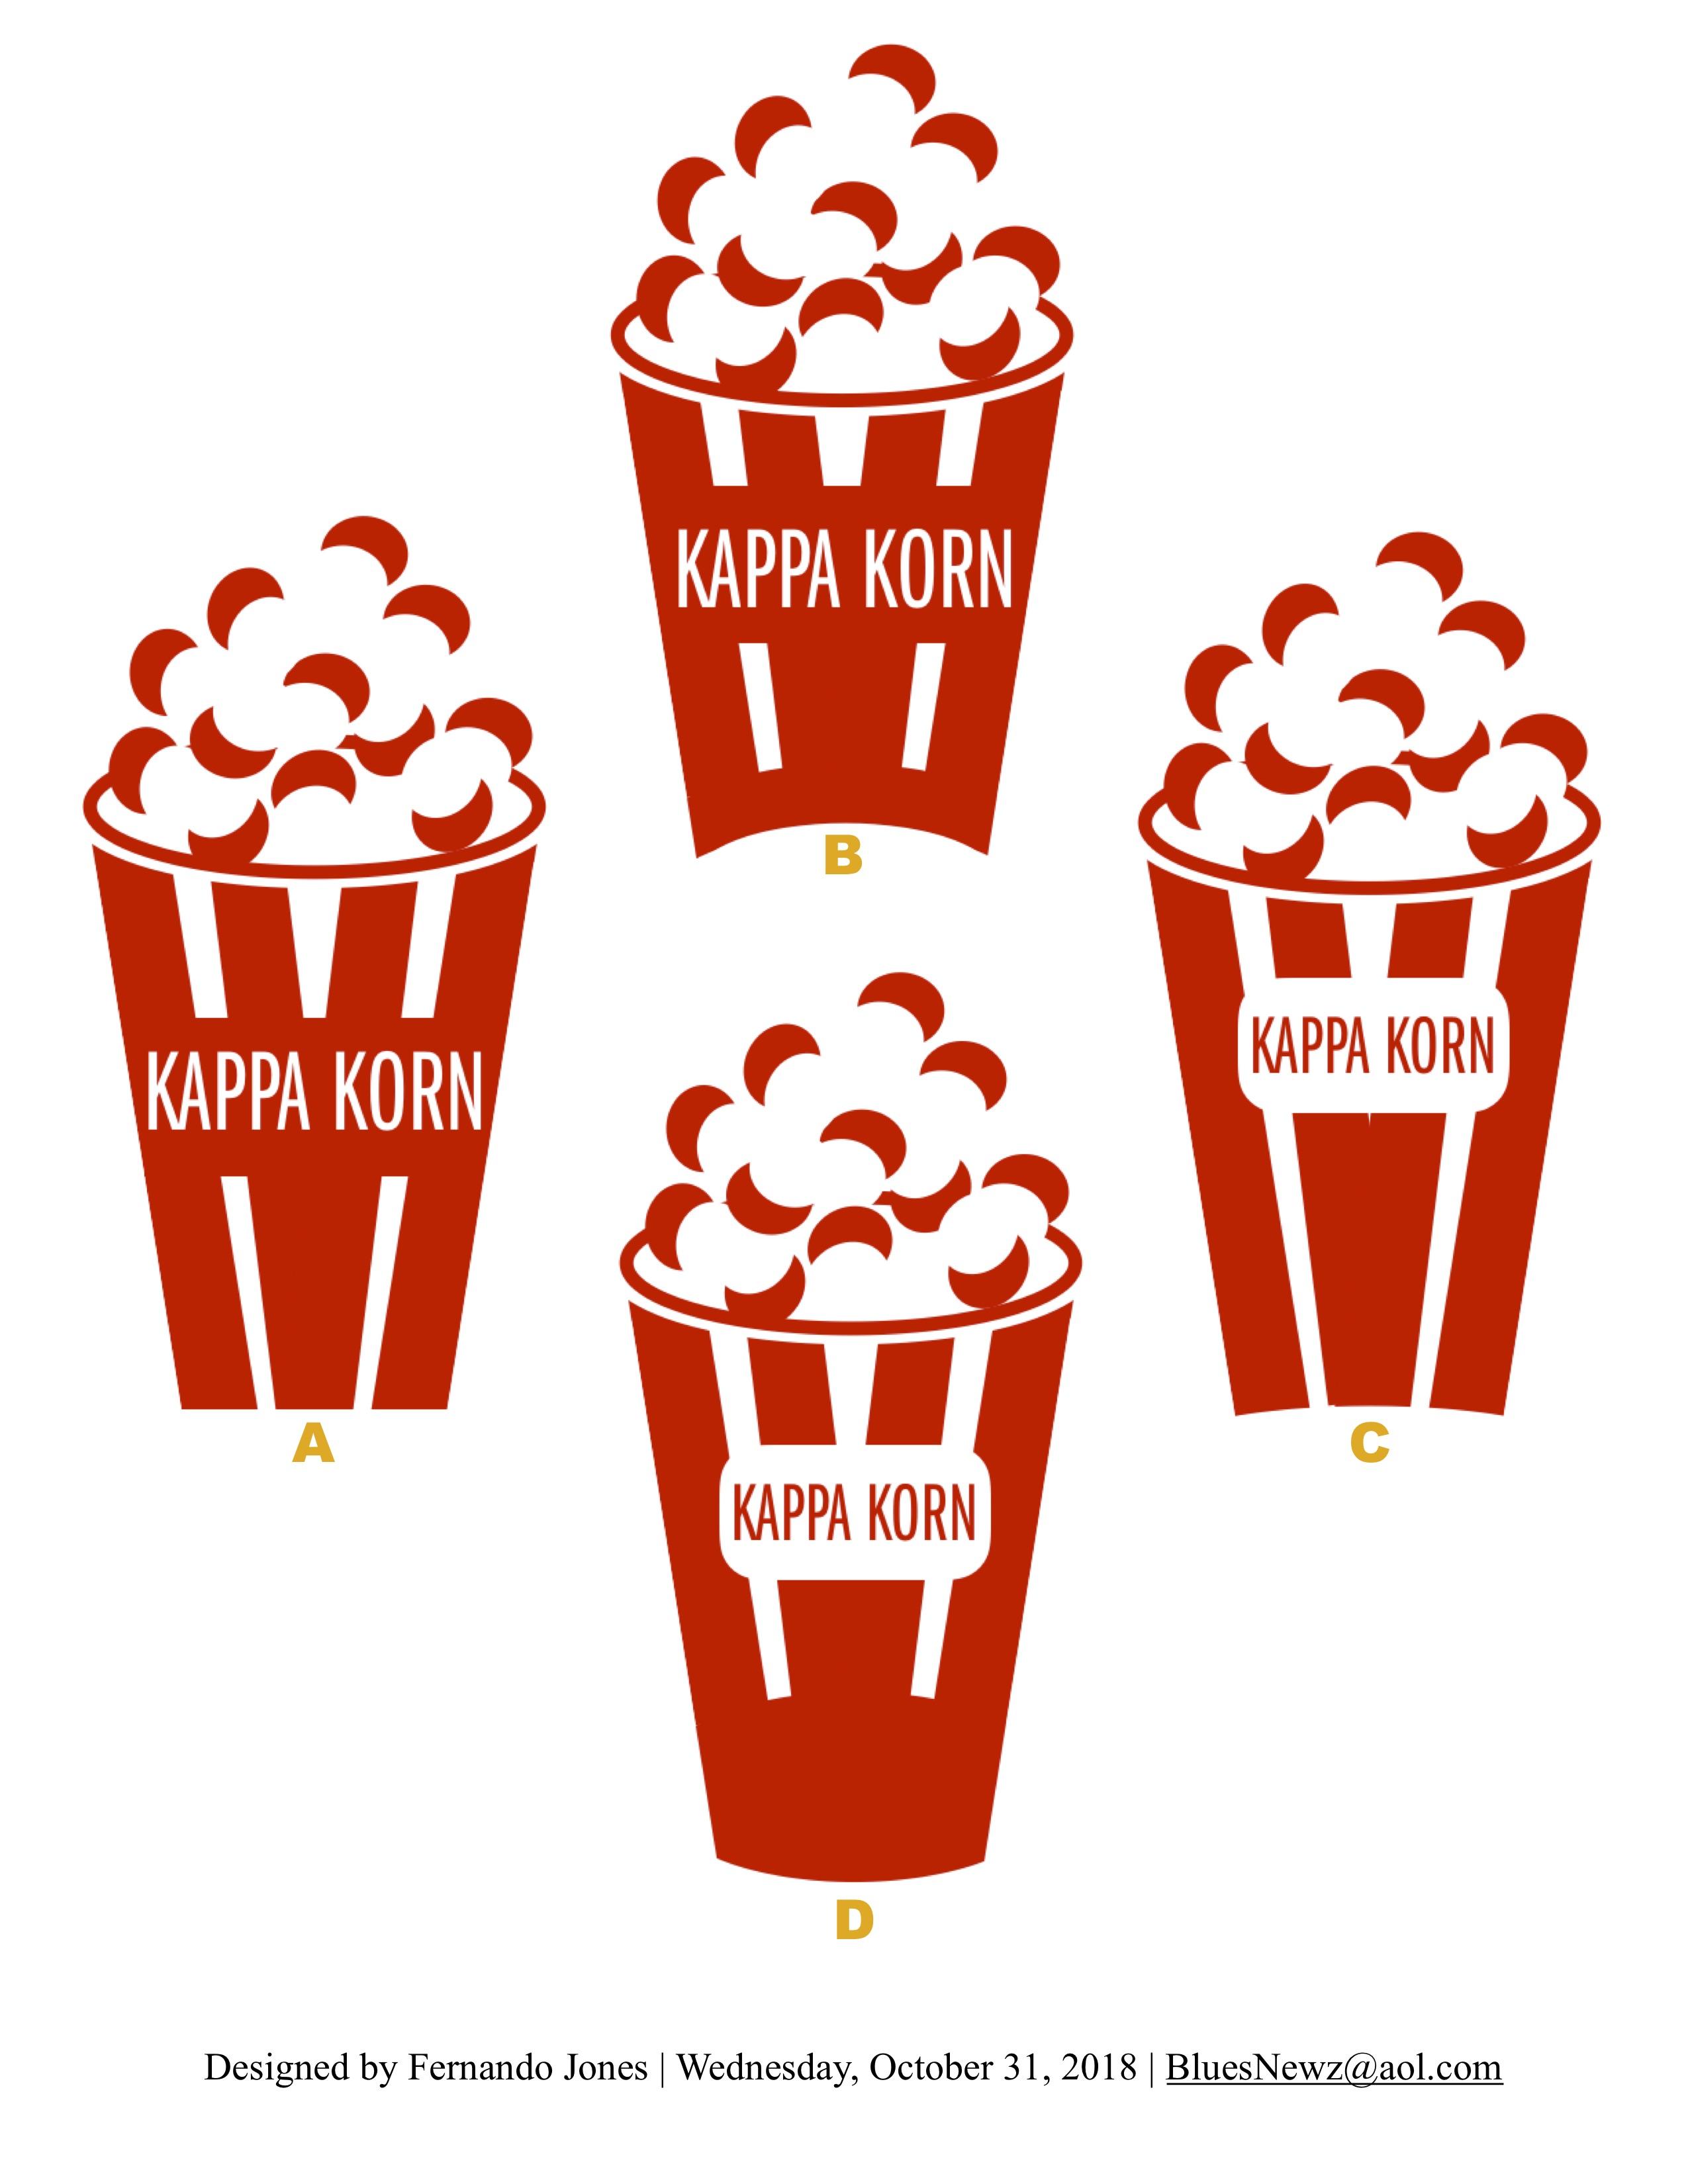 Kappa Korn